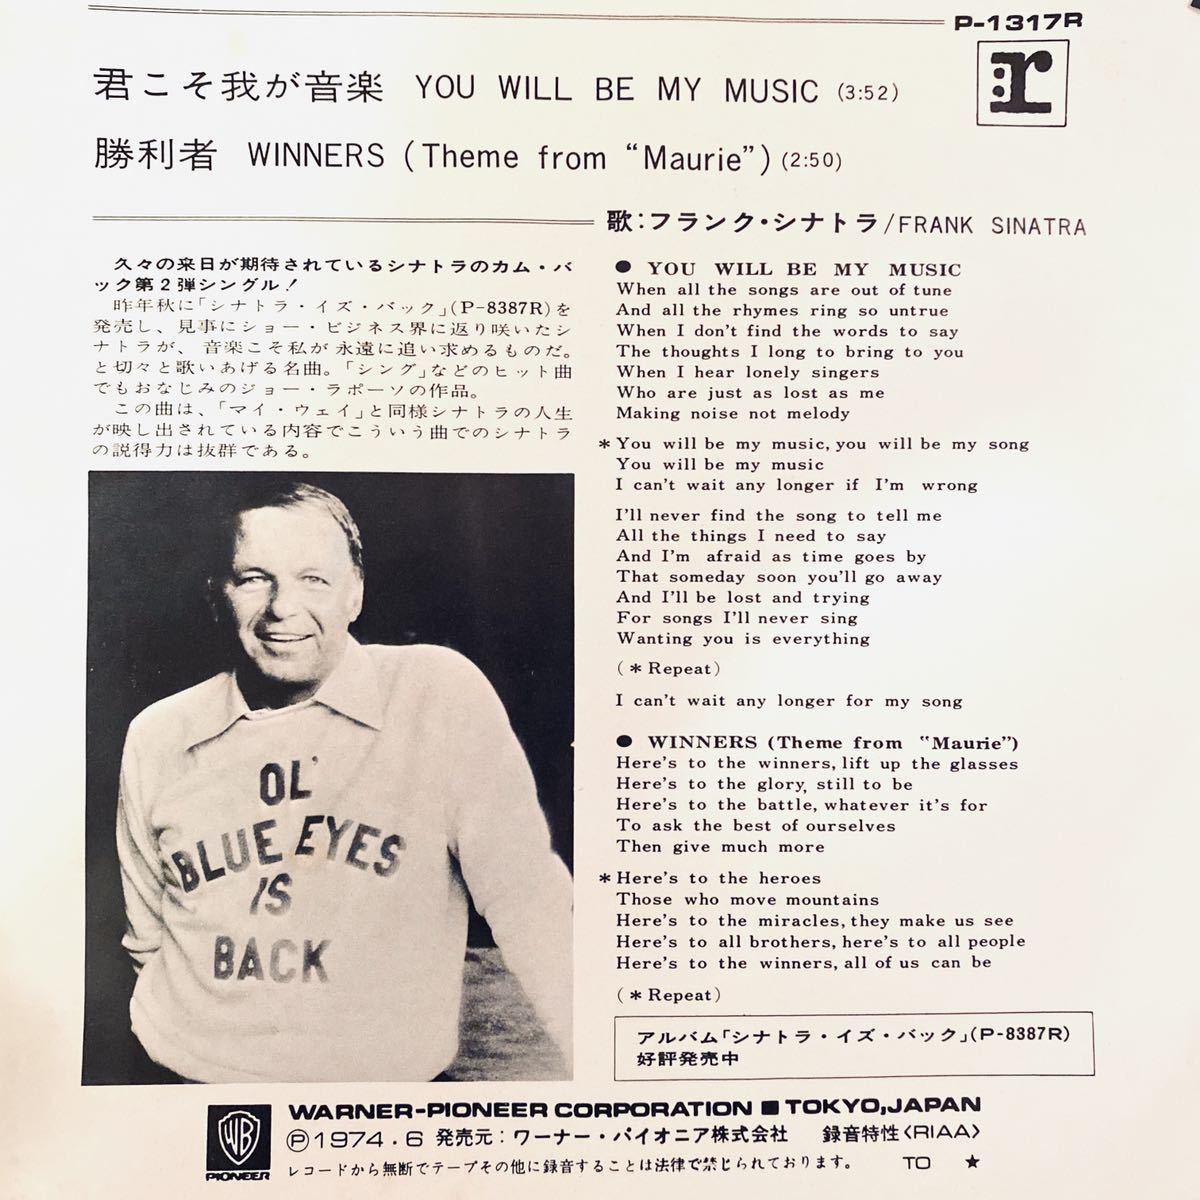 国内見本盤白ラベルEP / フランク・シナトラ - 君こそ我が音楽 / '74 P-1317R 非売品 プロモ サンプル FRANK SINATRA_画像2